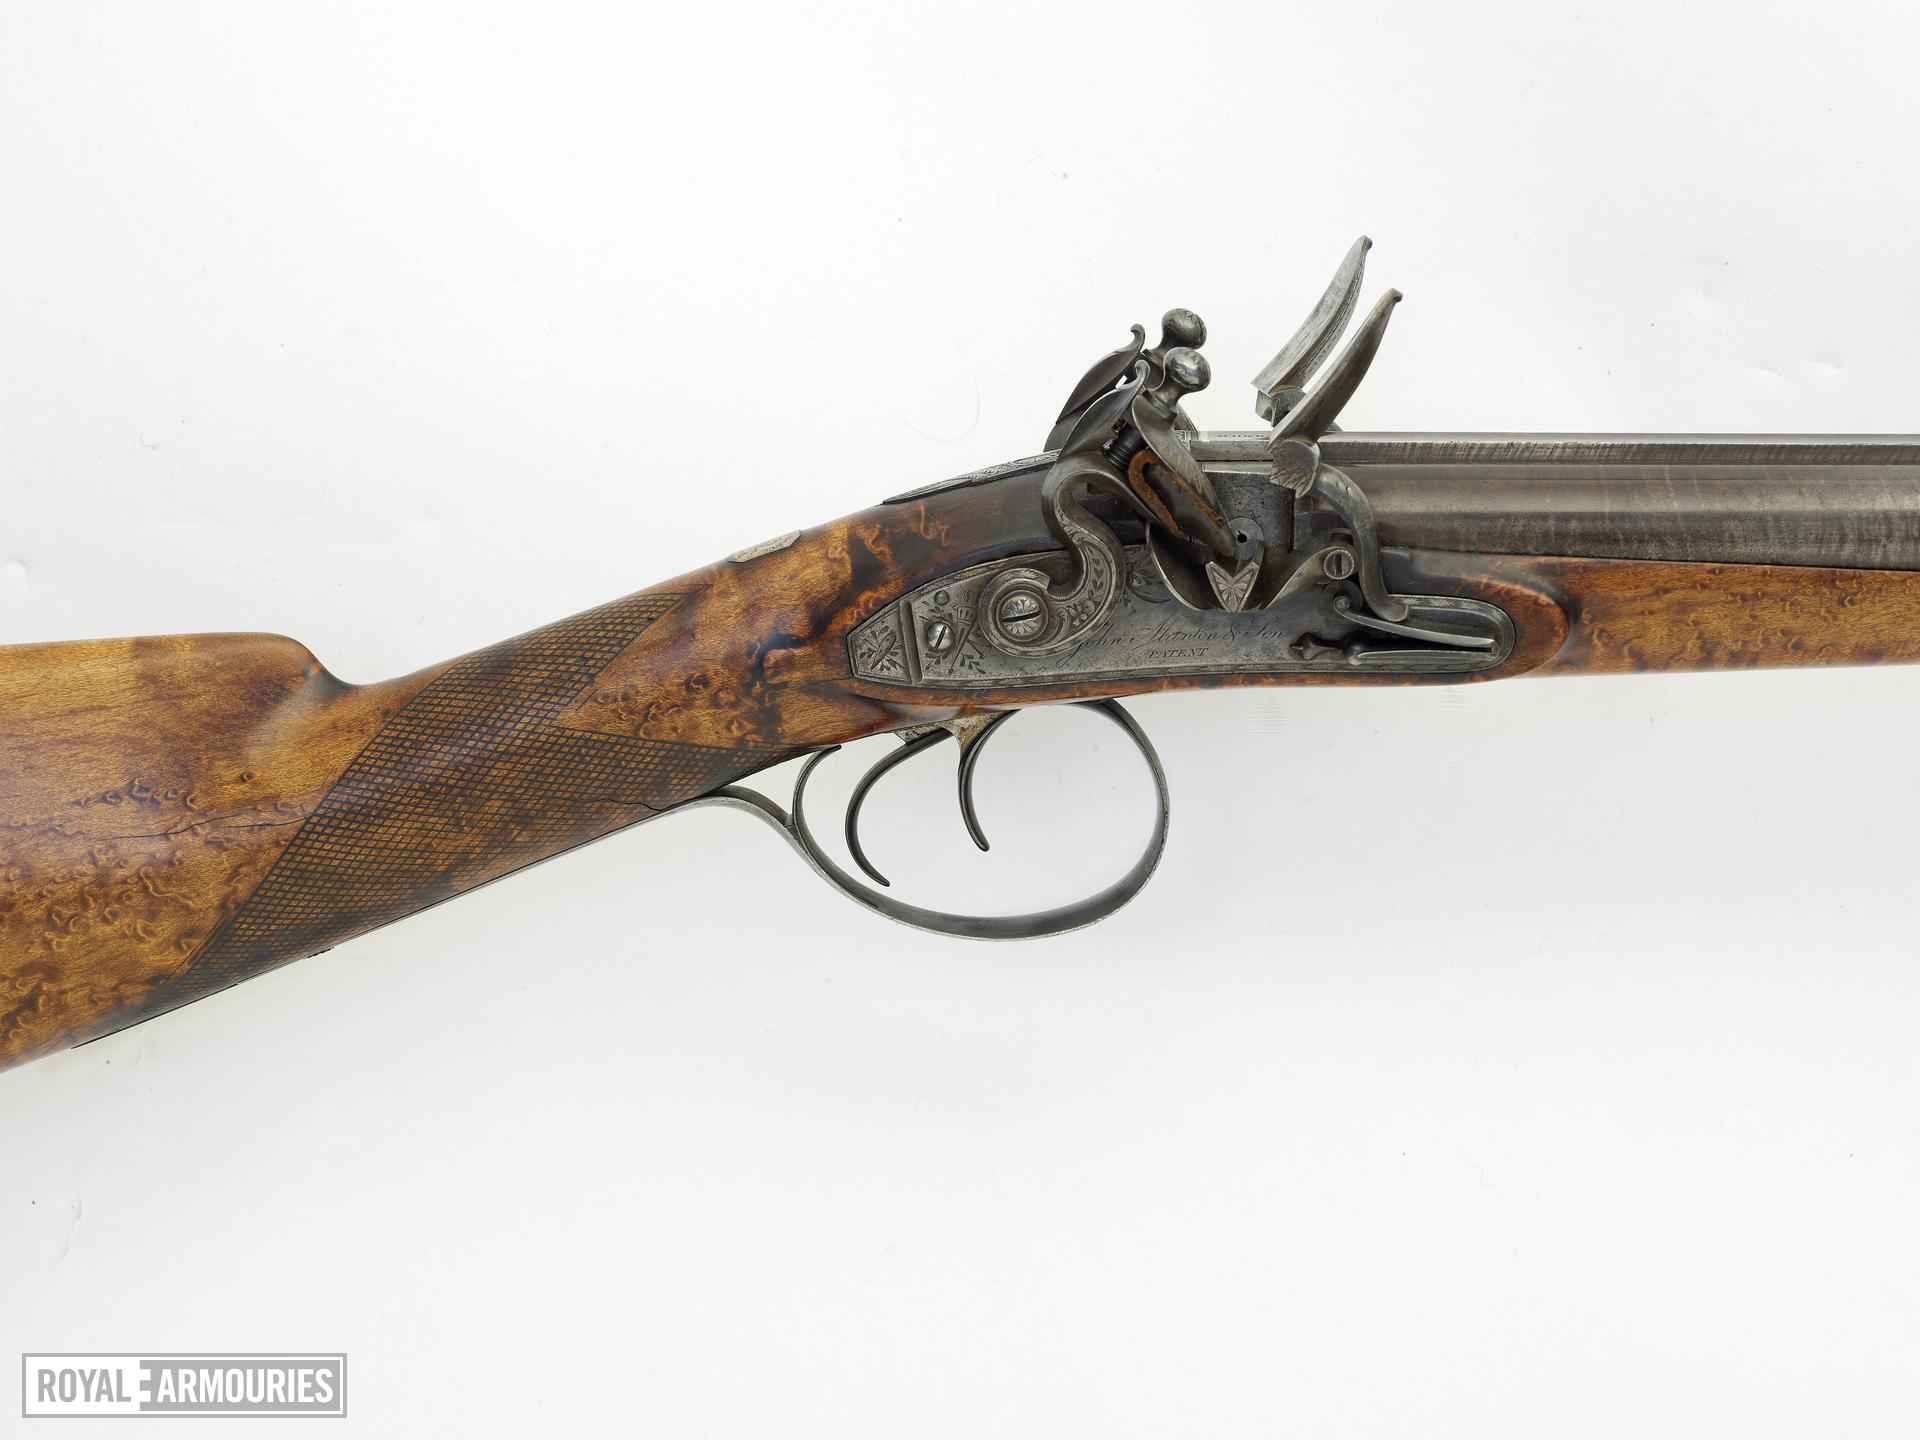 Flintlock gun - By Morris Manton locks